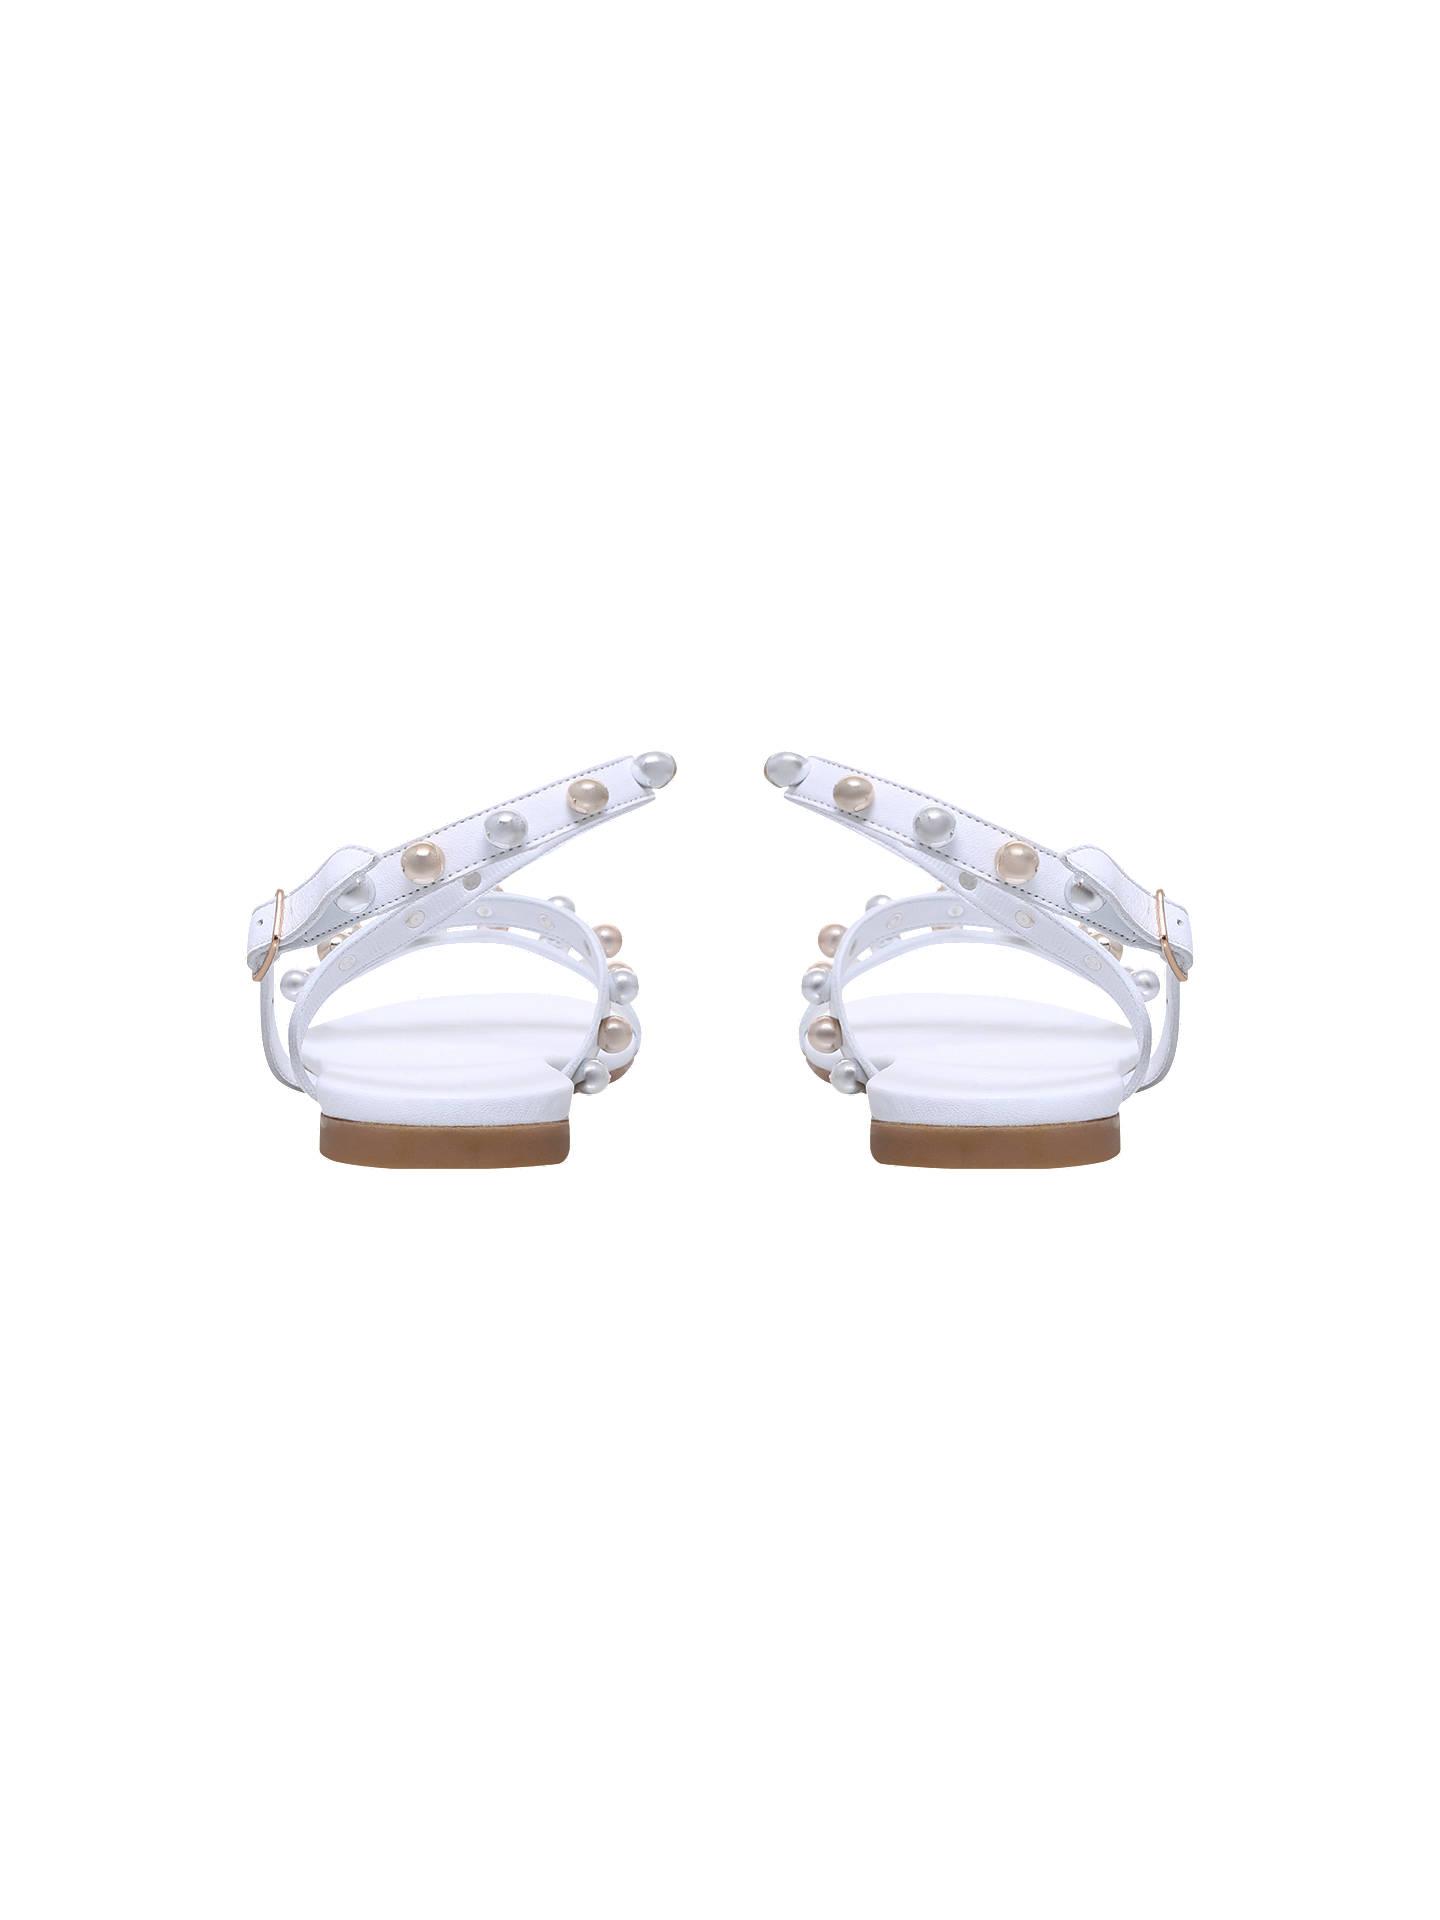 c6bc77795c44 ... Buy Kurt Geiger London Mia Lace Up Sandals